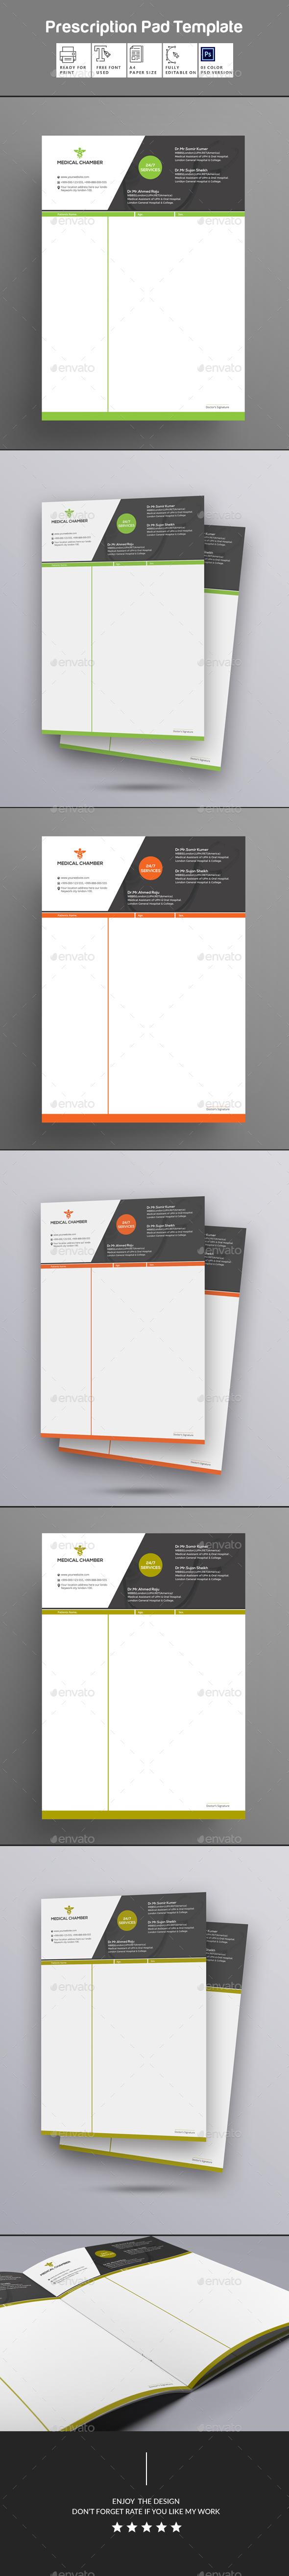 GraphicRiver Prescription Pad Template 20539266